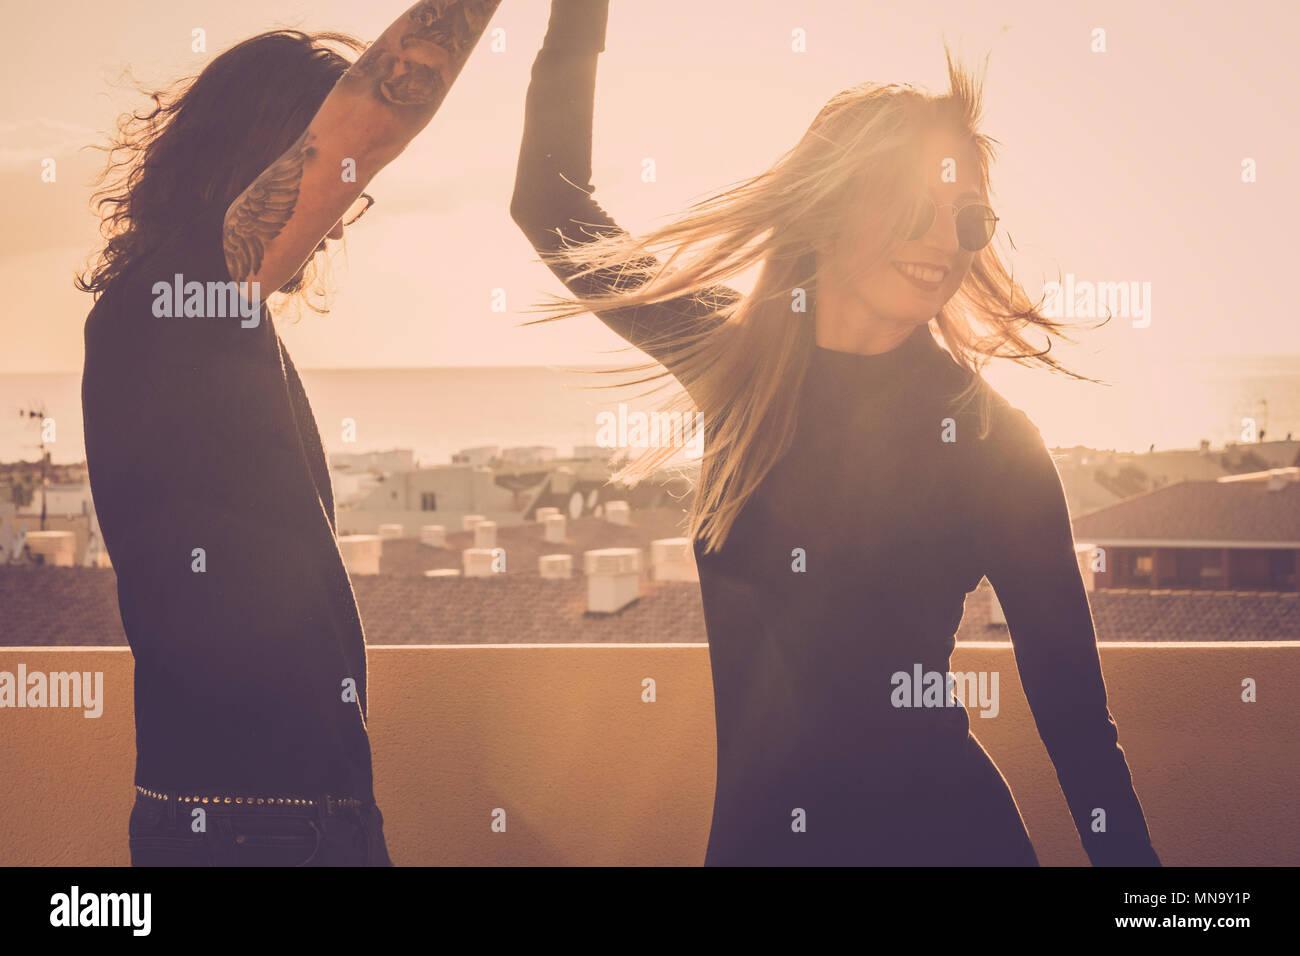 De beaux cheveux longs young caucasian couple danser et bouger sur le toit avec vue sur l'Océan. Belle piscine au soleil et à l'activité de loisirs à nice Photo Stock